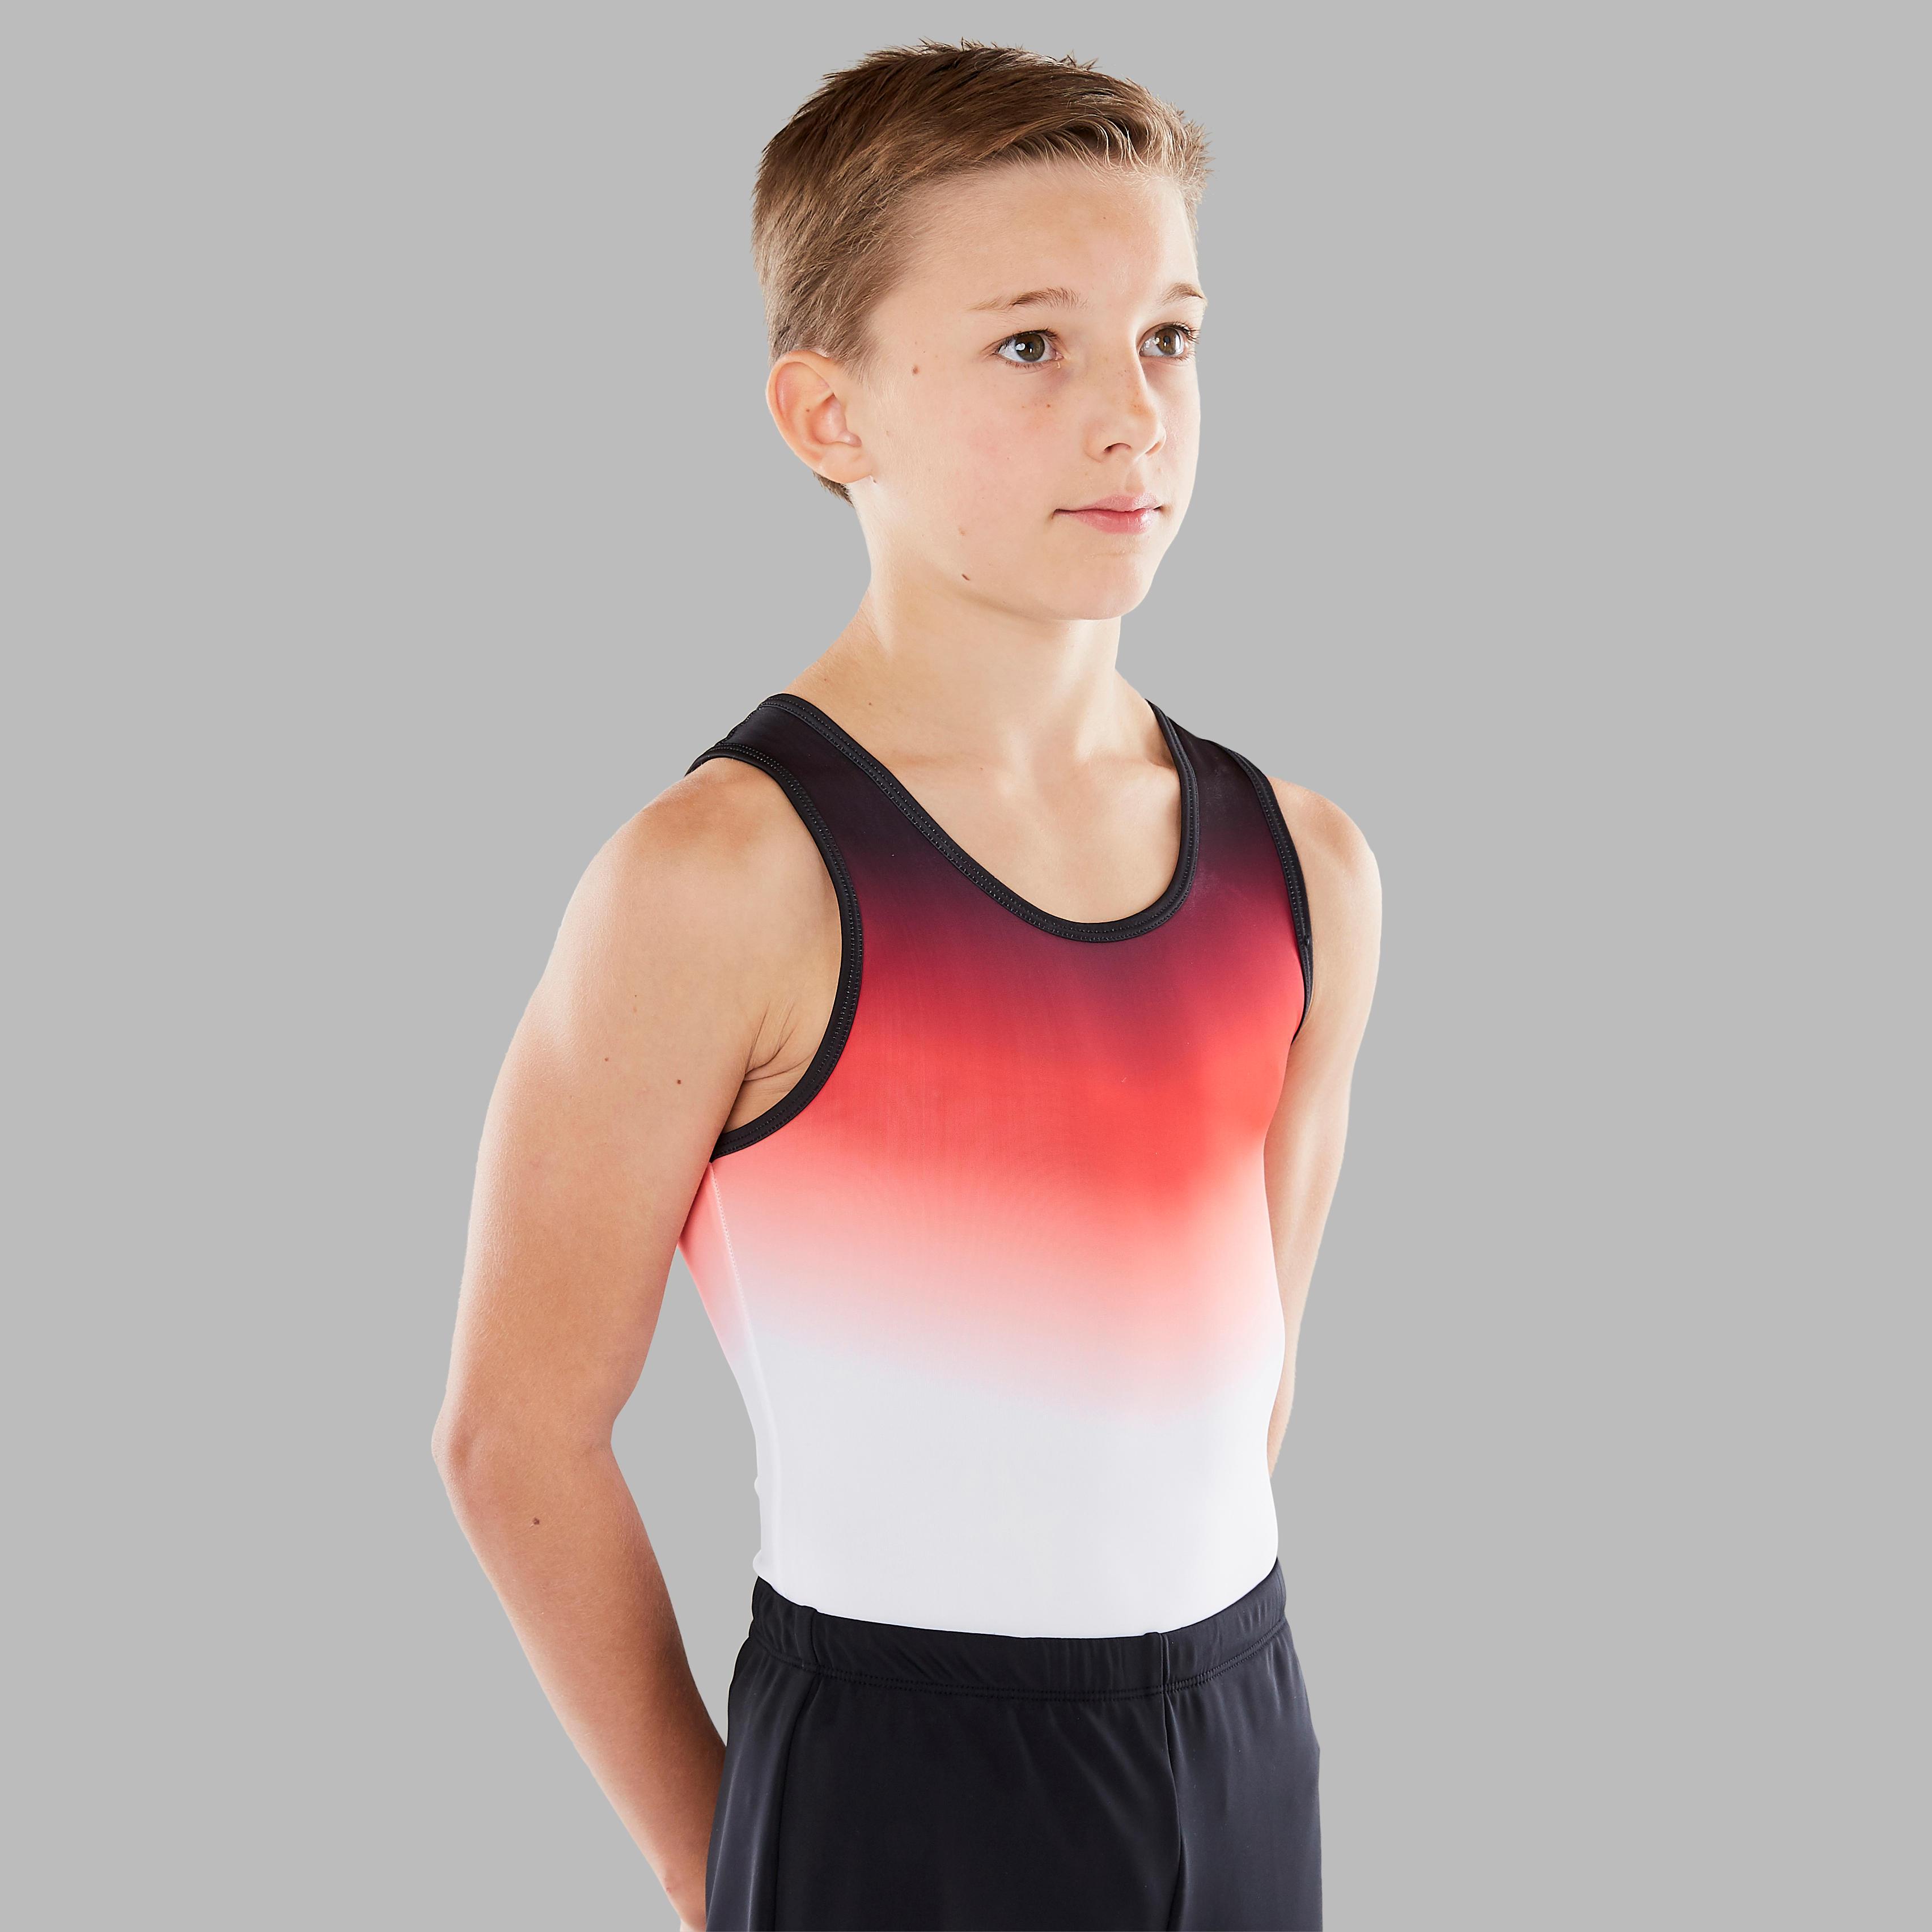 Domyos Leotard Gymnastique Artistique Masculine (GAM) Garçon Homme Rouge - Domyos